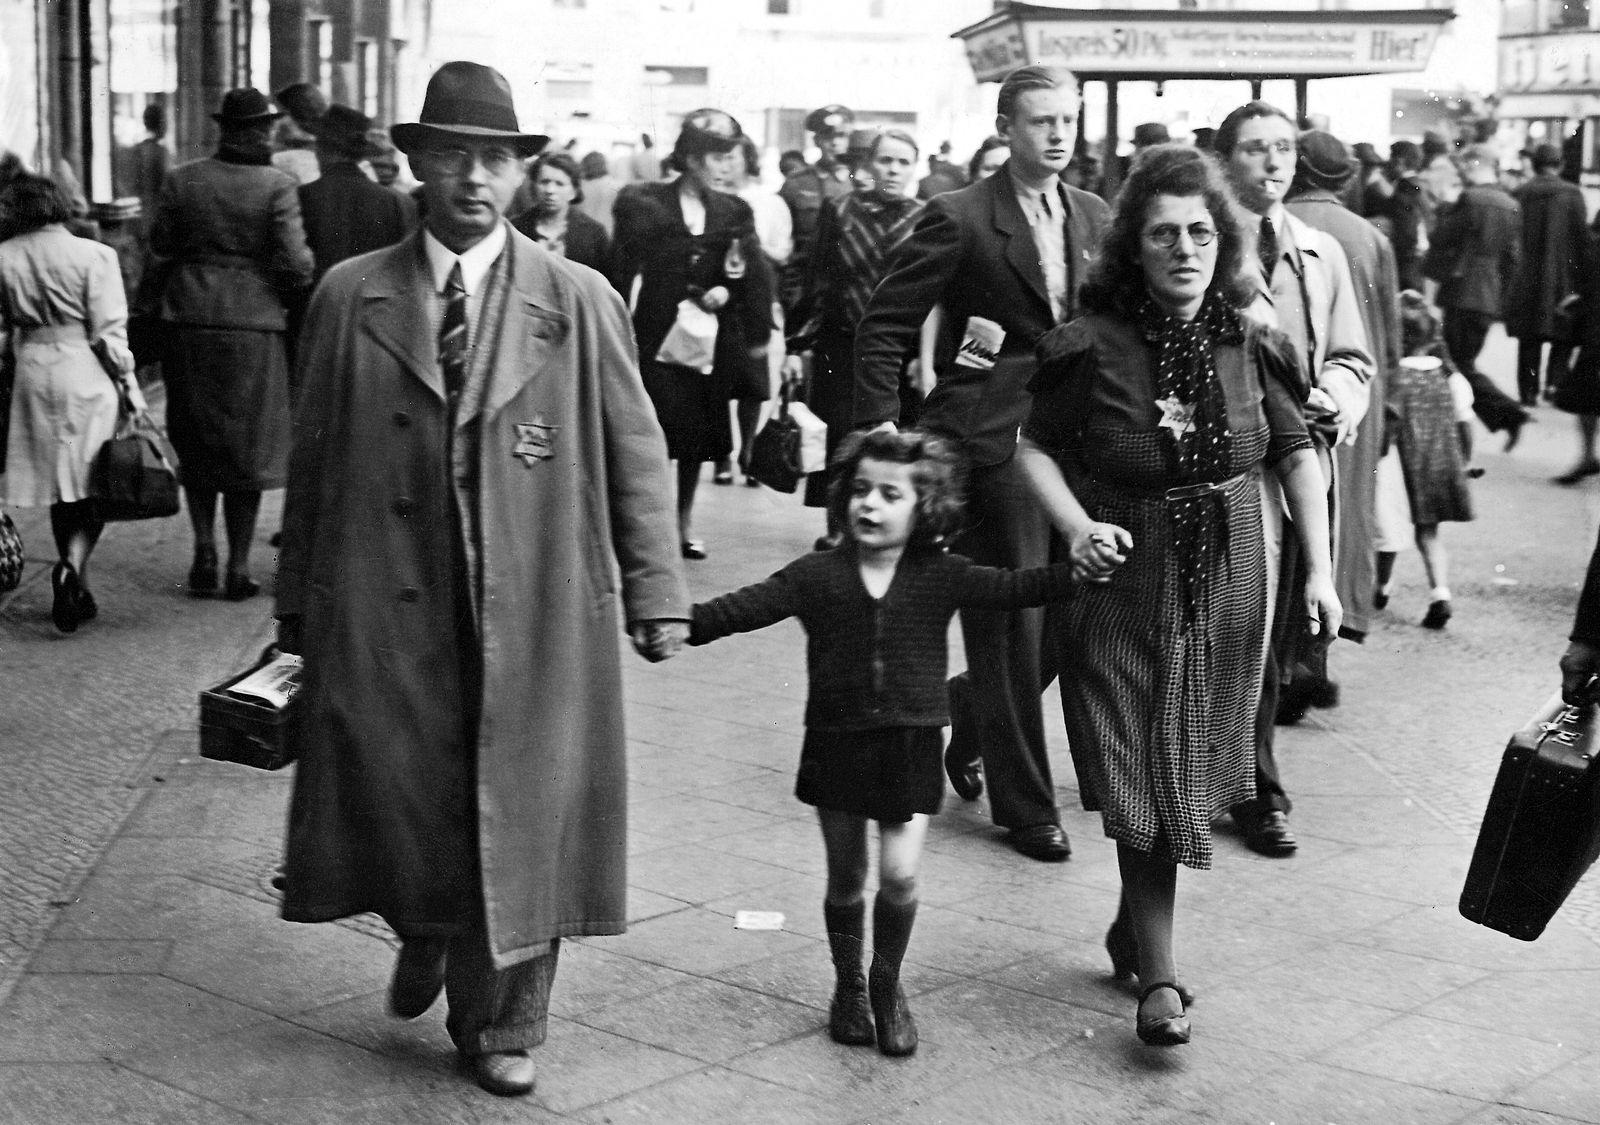 Familie mit Judenstern